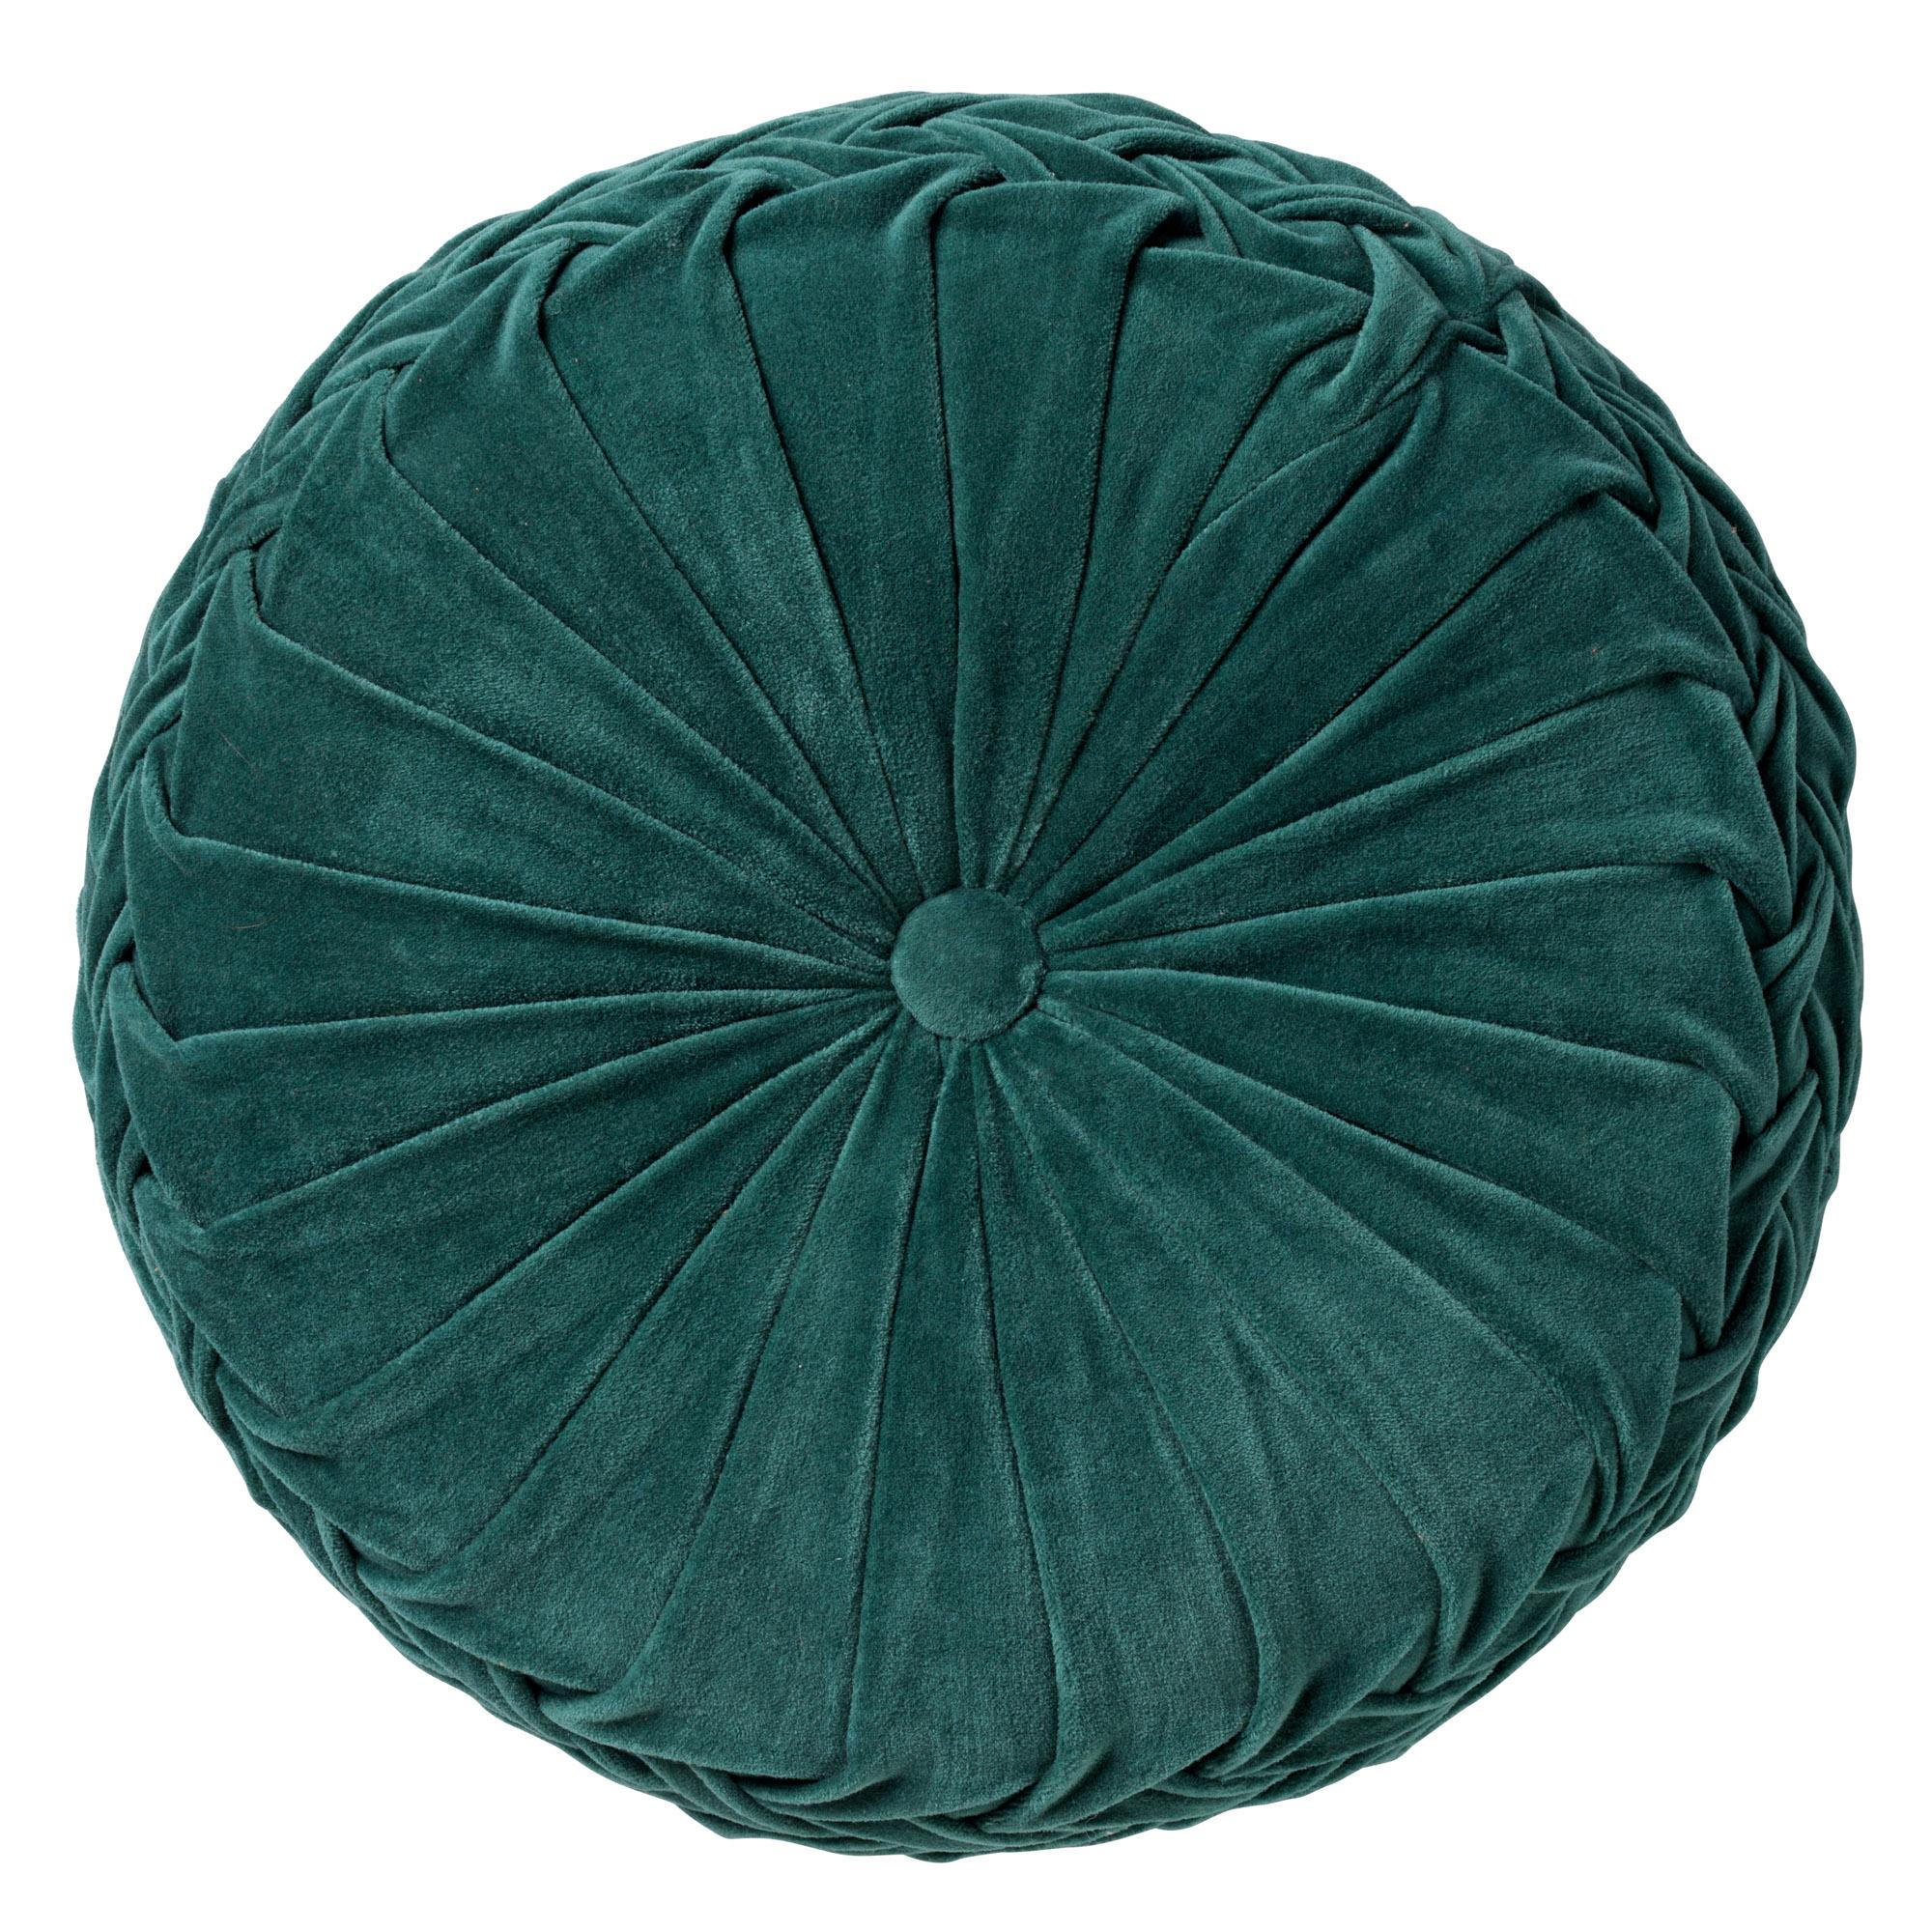 KAJA - Sierkussen rond velvet Sagebrush Green 40 cm